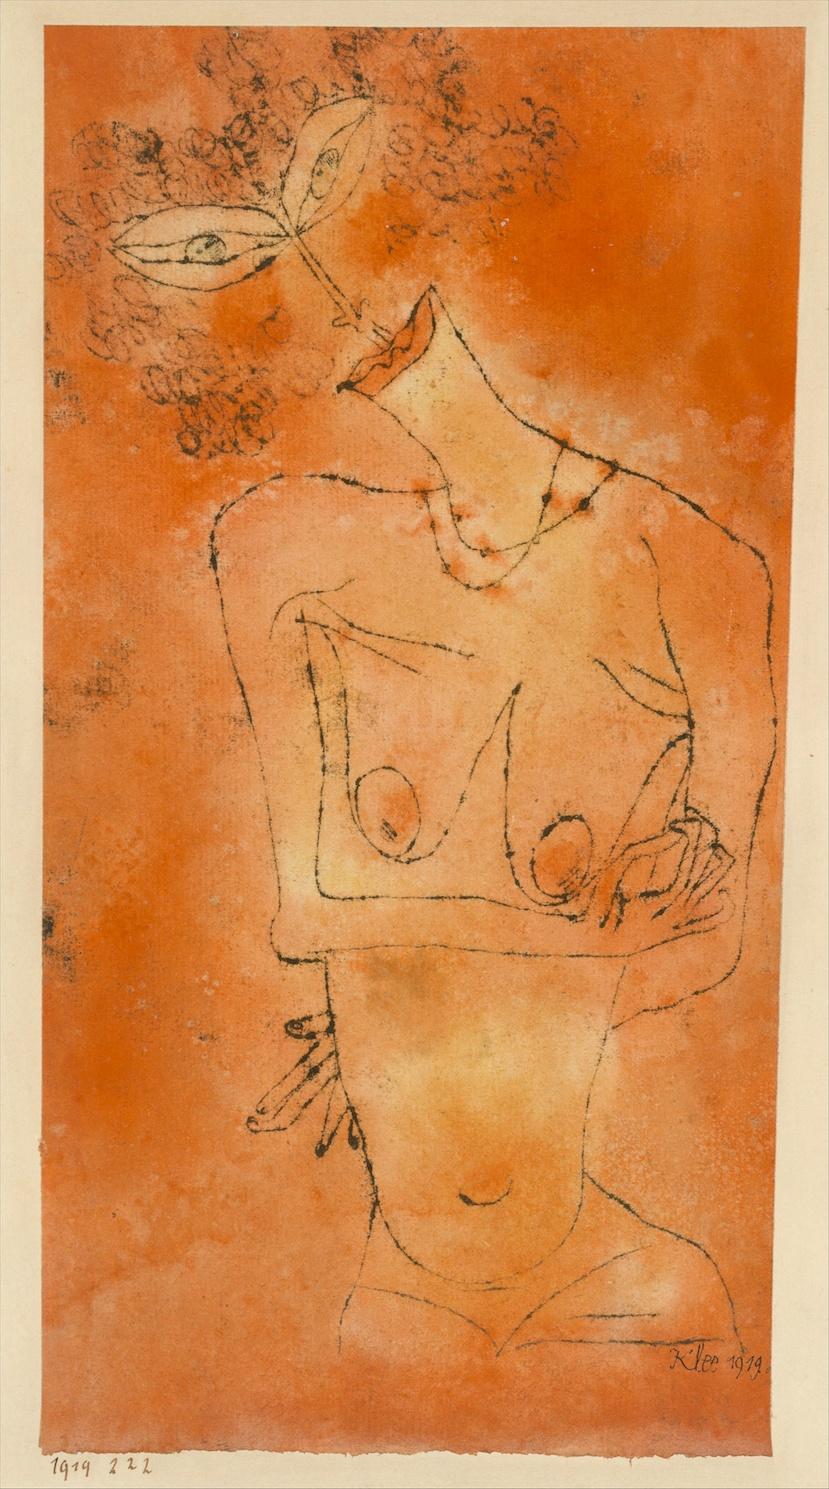 Paul Klee - Paul Klee nasce a Münchenbuchsee, in Svizzera, nel 1879.Nel 1912 frequentò a Parigi P. Picasso, G. Apollinaire, R. e S. Delaunay, che influenzarono la sua attività successiva. I suoi inizi di disegnatore e incisore e una ferrea disciplina lo condussero ad approfondire le possibilità espressive della linea intesa come